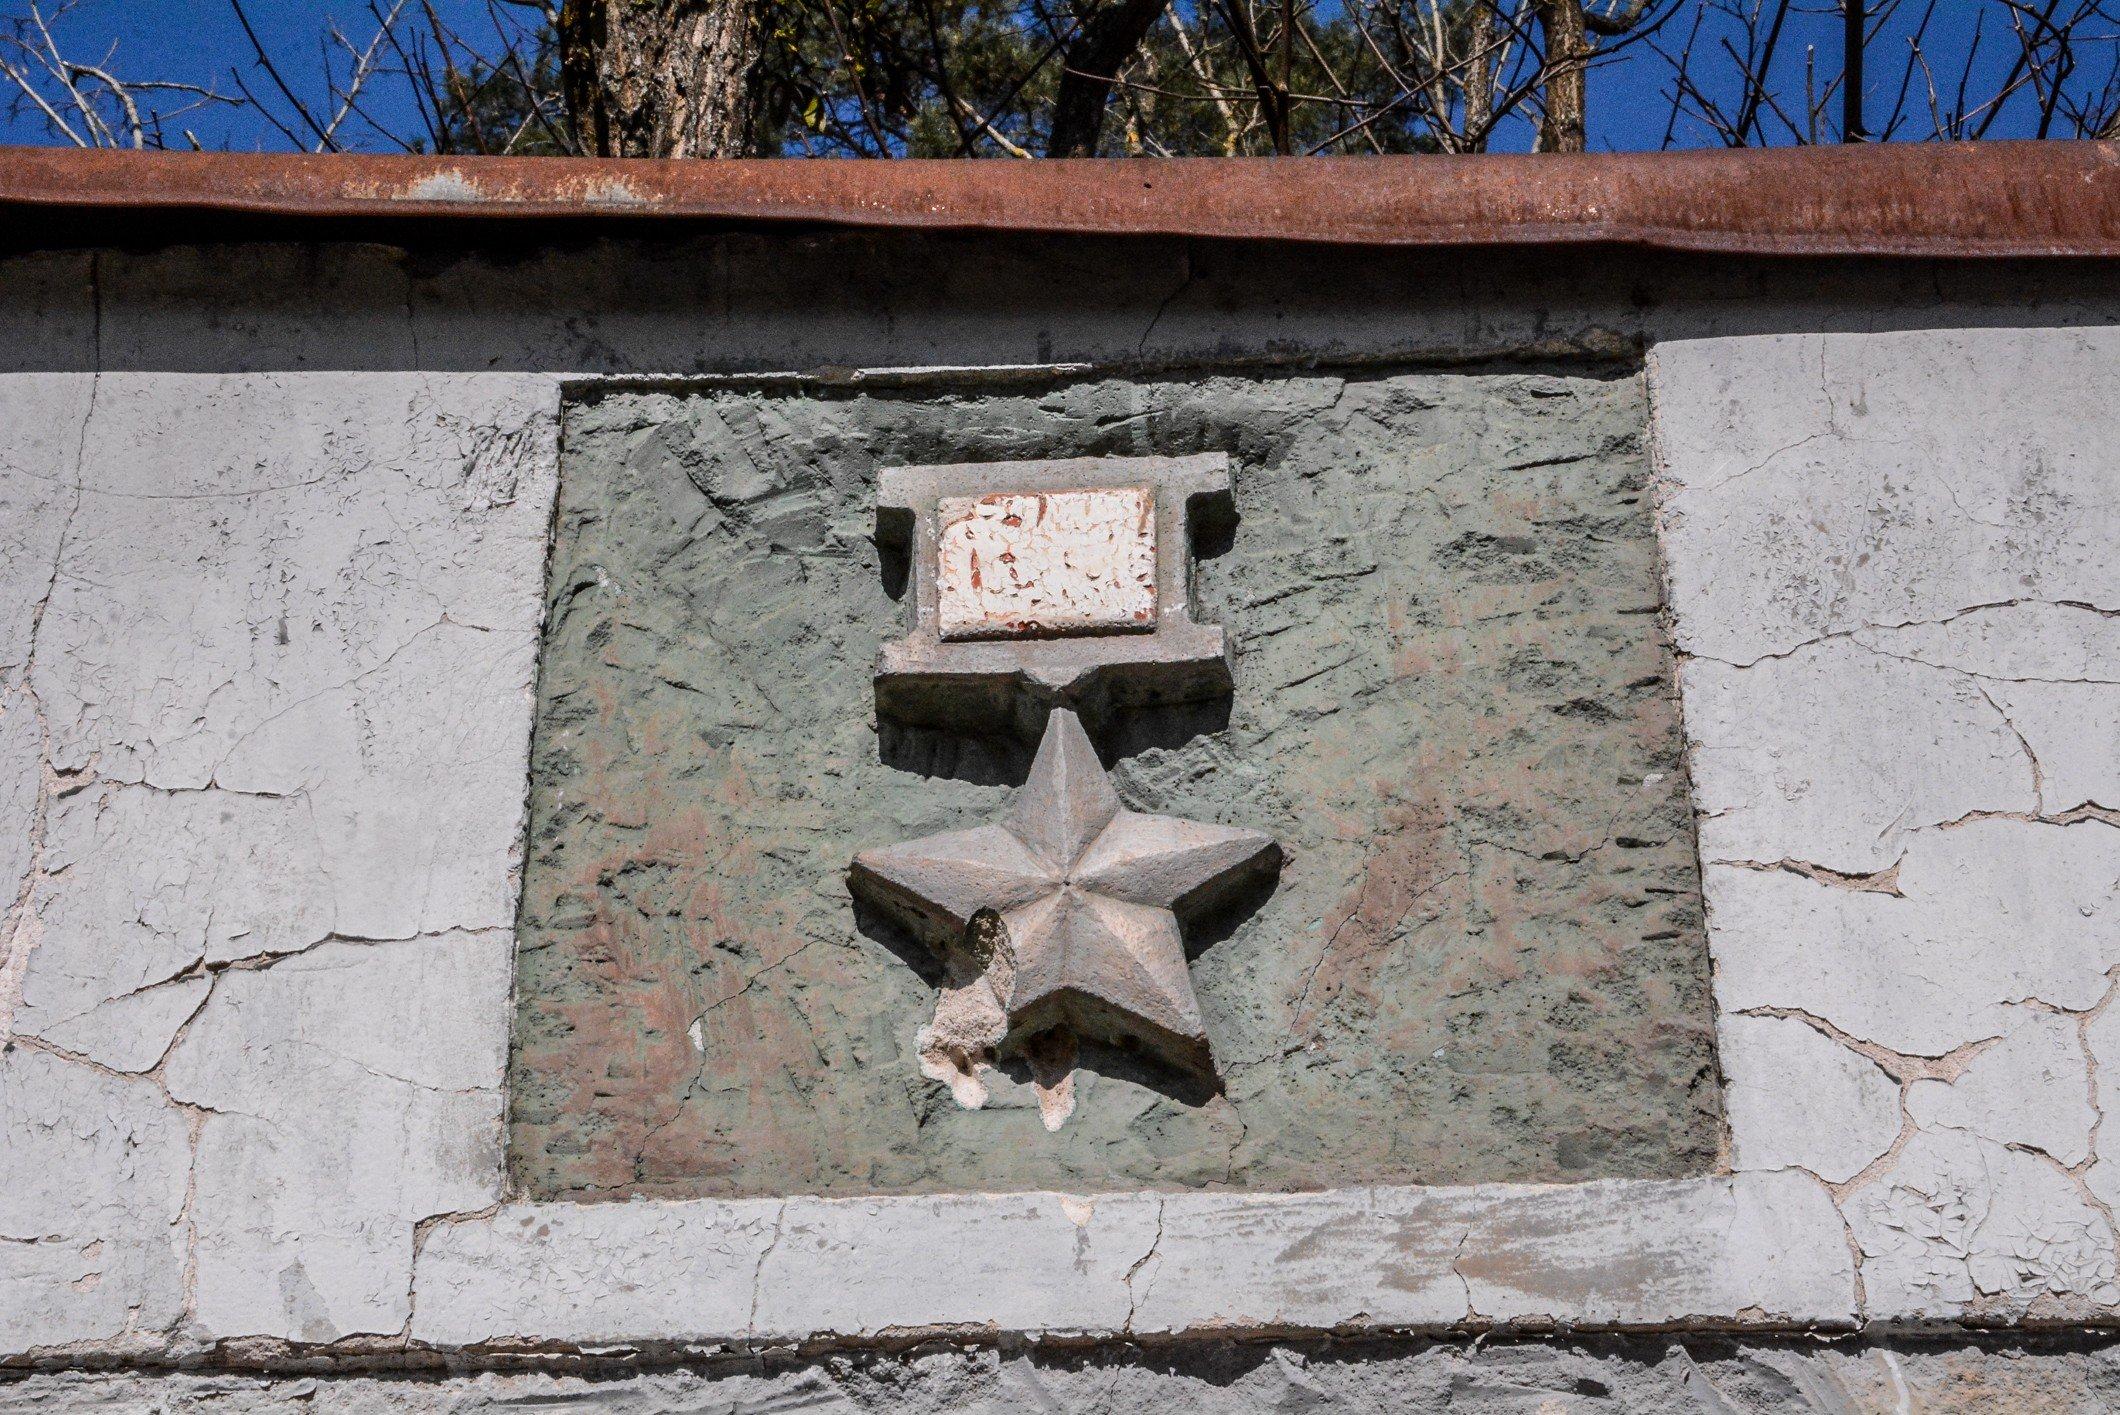 hero of the soviet union medal soviet war memorial sowjetisches ehrenmal fürstenberg drögen brandenburg deutschland lost places urbex abandoned held der sowjetunion medallie